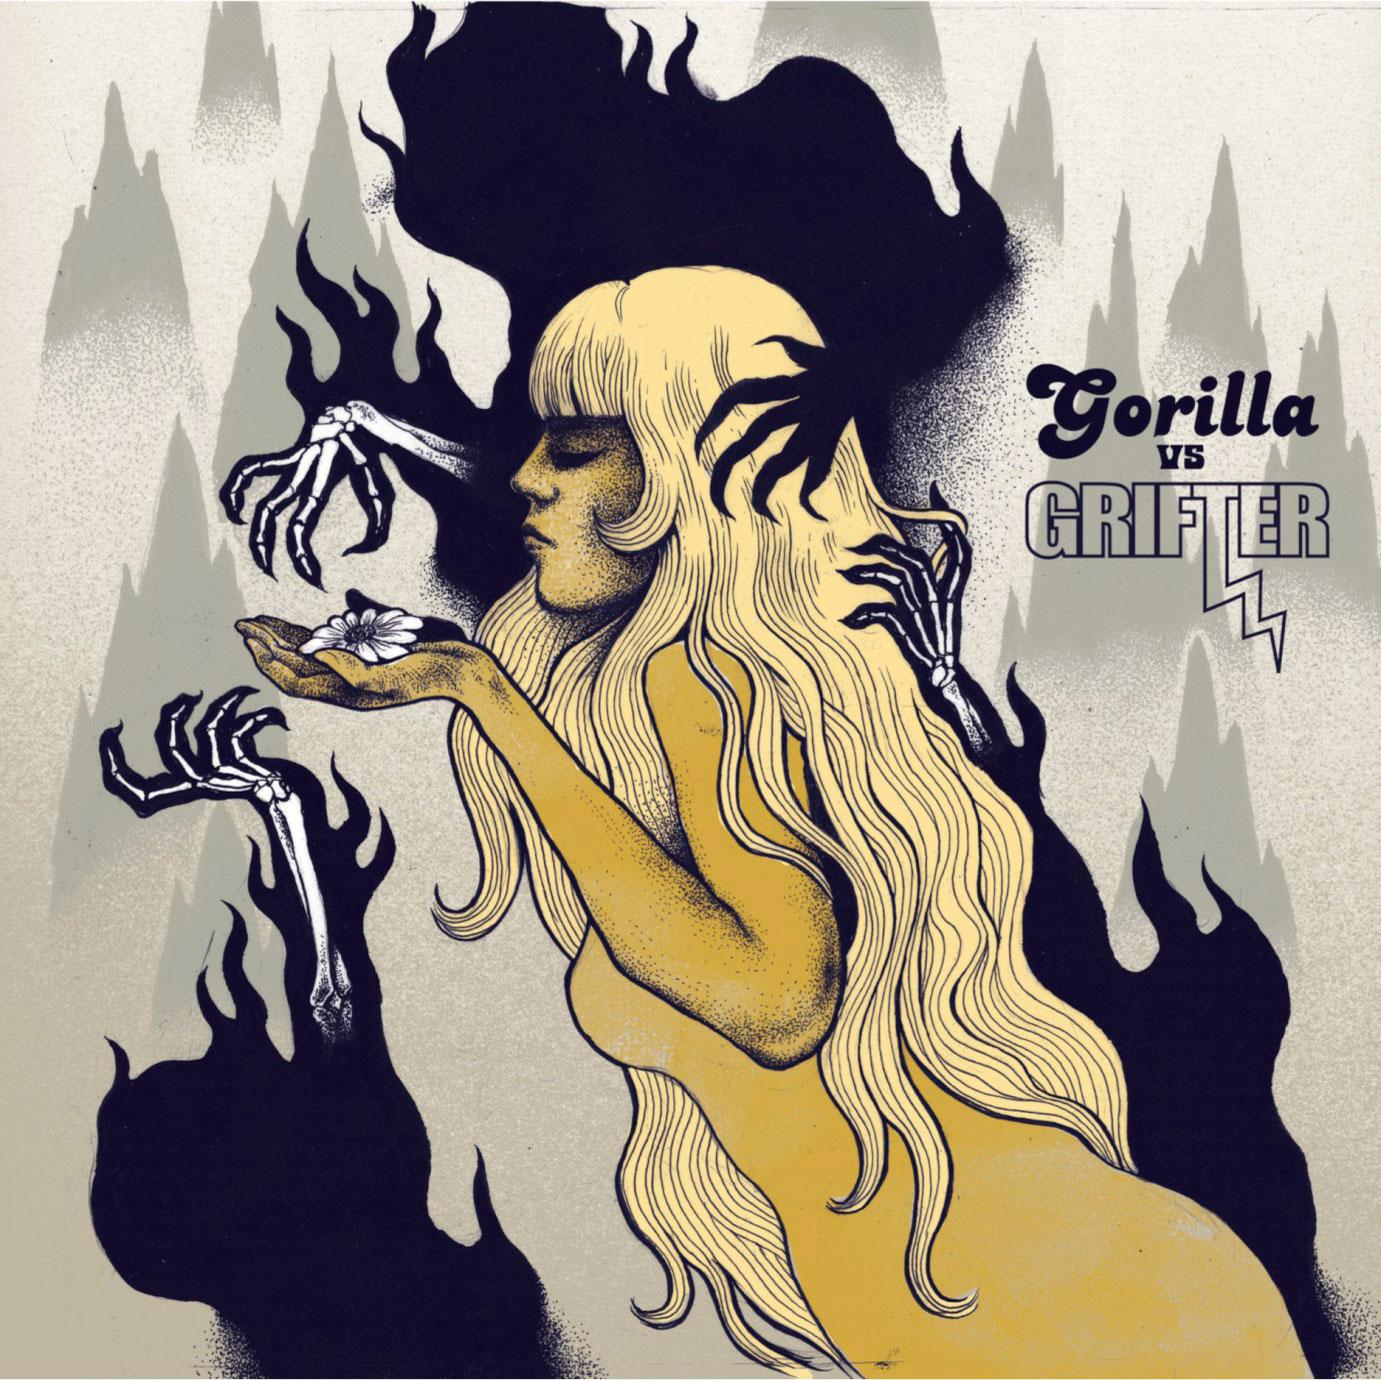 gorilla-vs-grifter